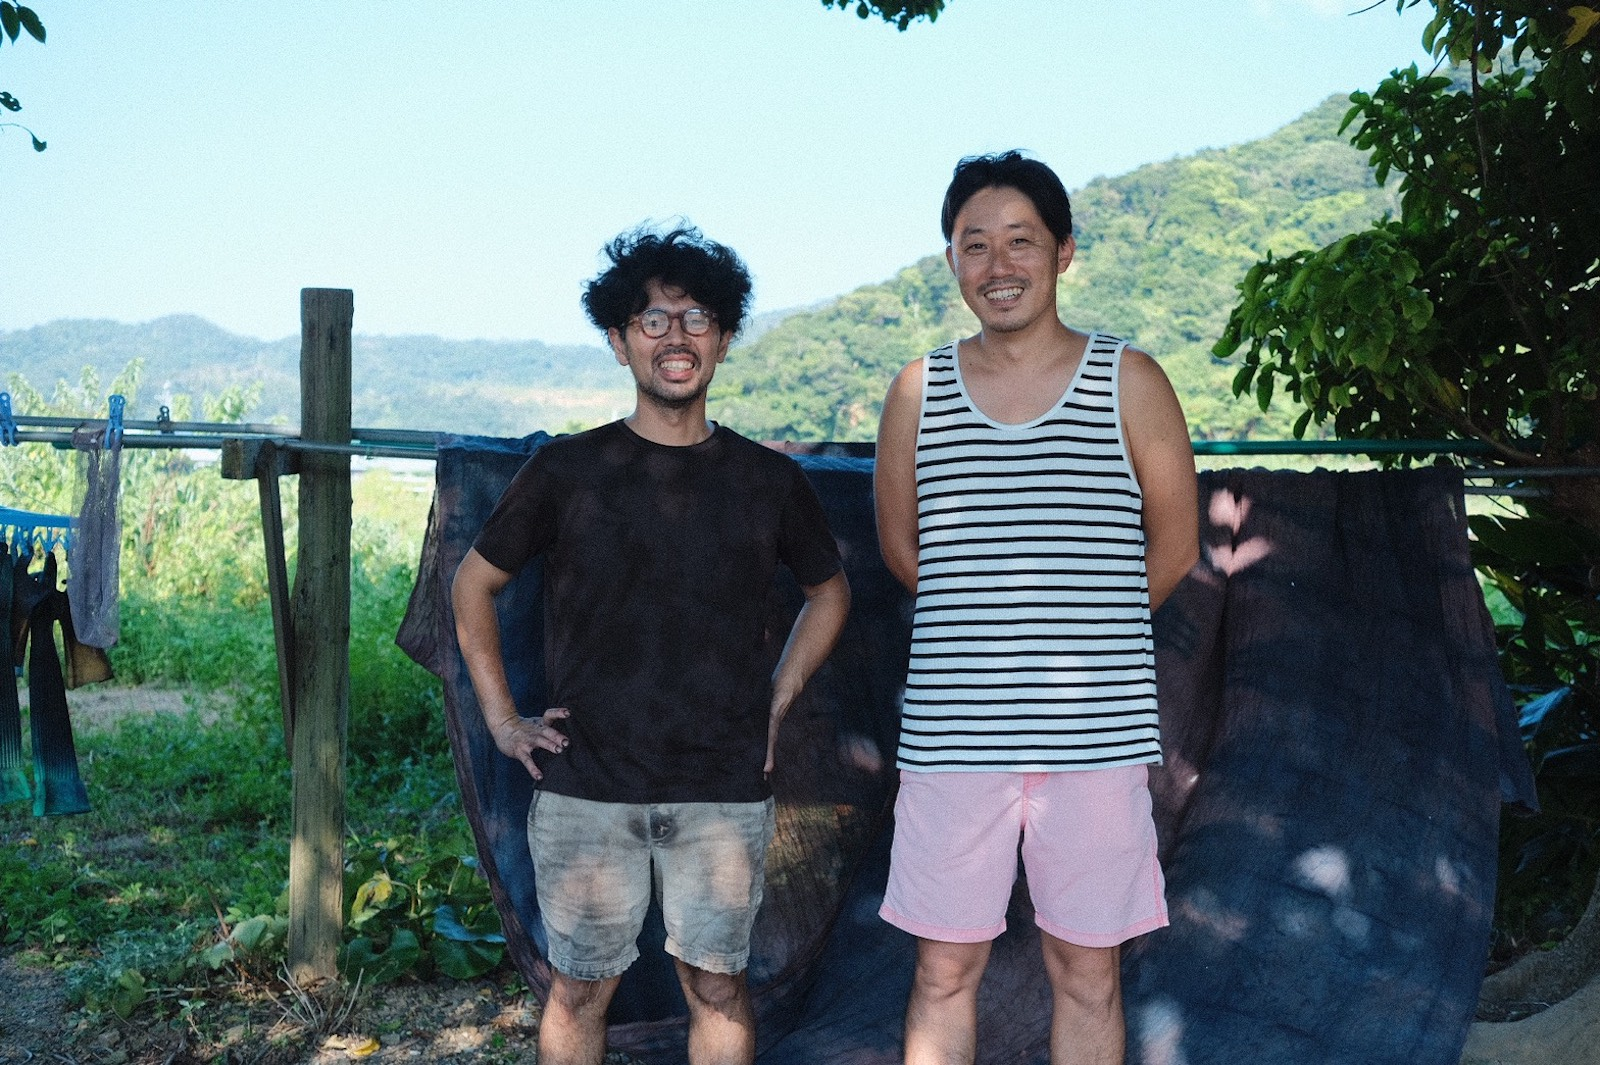 金井工芸にて 金井さん(左)と北さん(右)